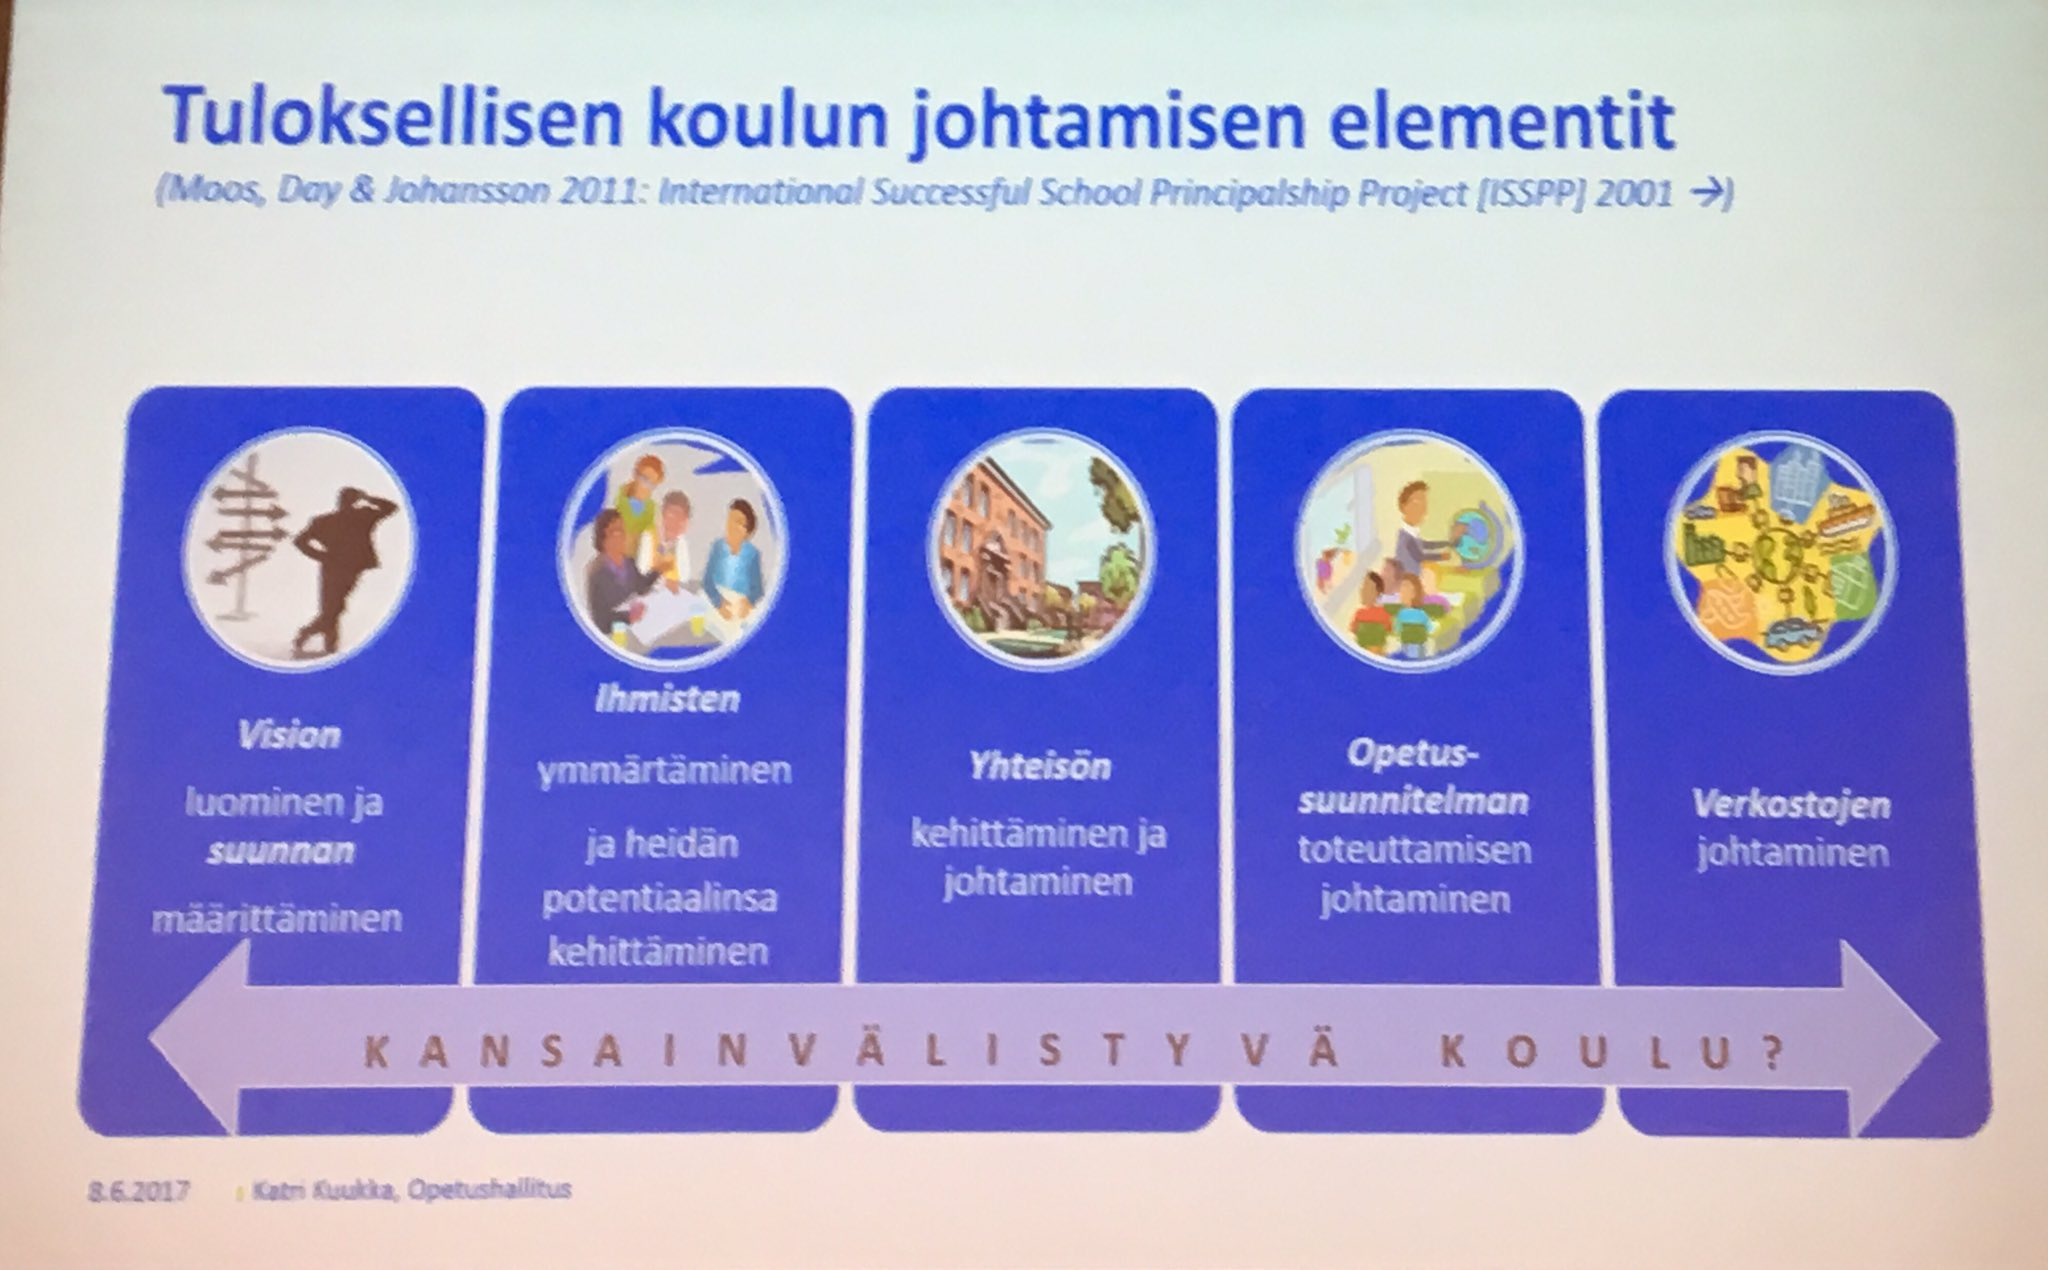 Tuloksellisen koulun johtamisen elementit #jofo17 #johtaminen #koulut #rehtorit ping @Opetushallitus https://t.co/VsfDOWDg7Y